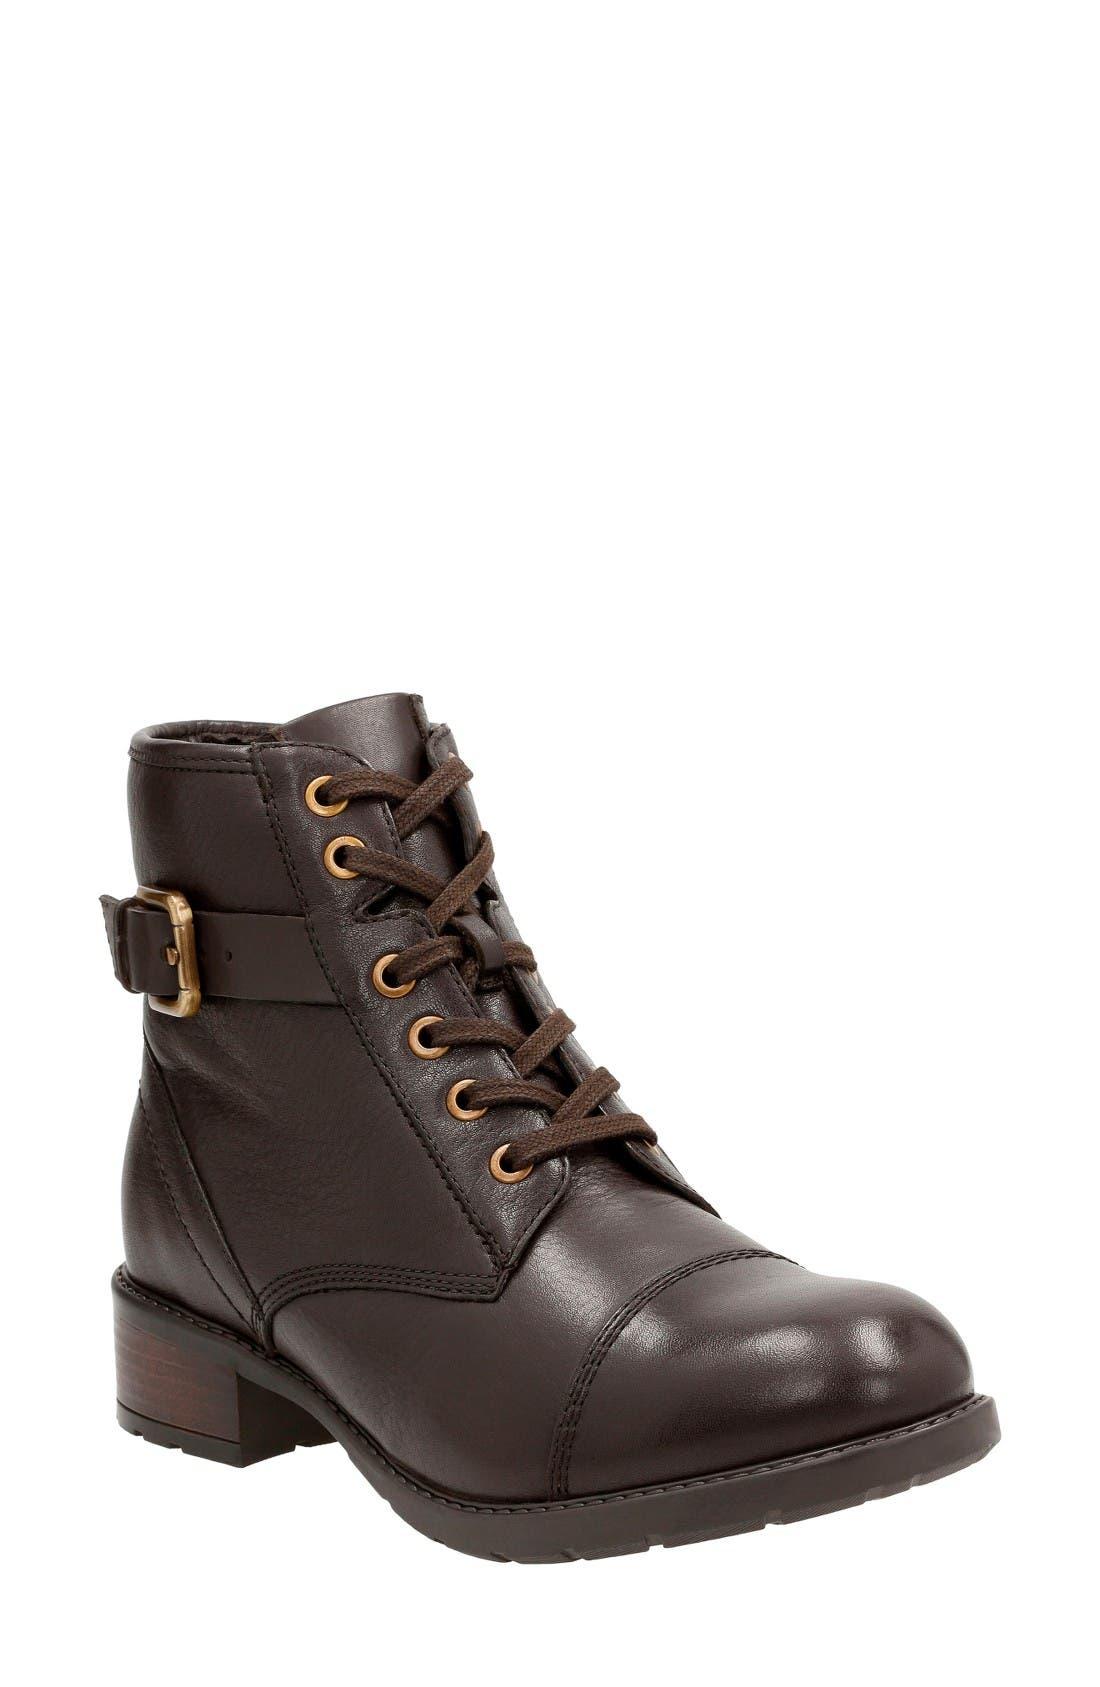 'Swansea Ledge' Waterproof Moto Boot,                             Main thumbnail 1, color,                             Dark Brown Leather